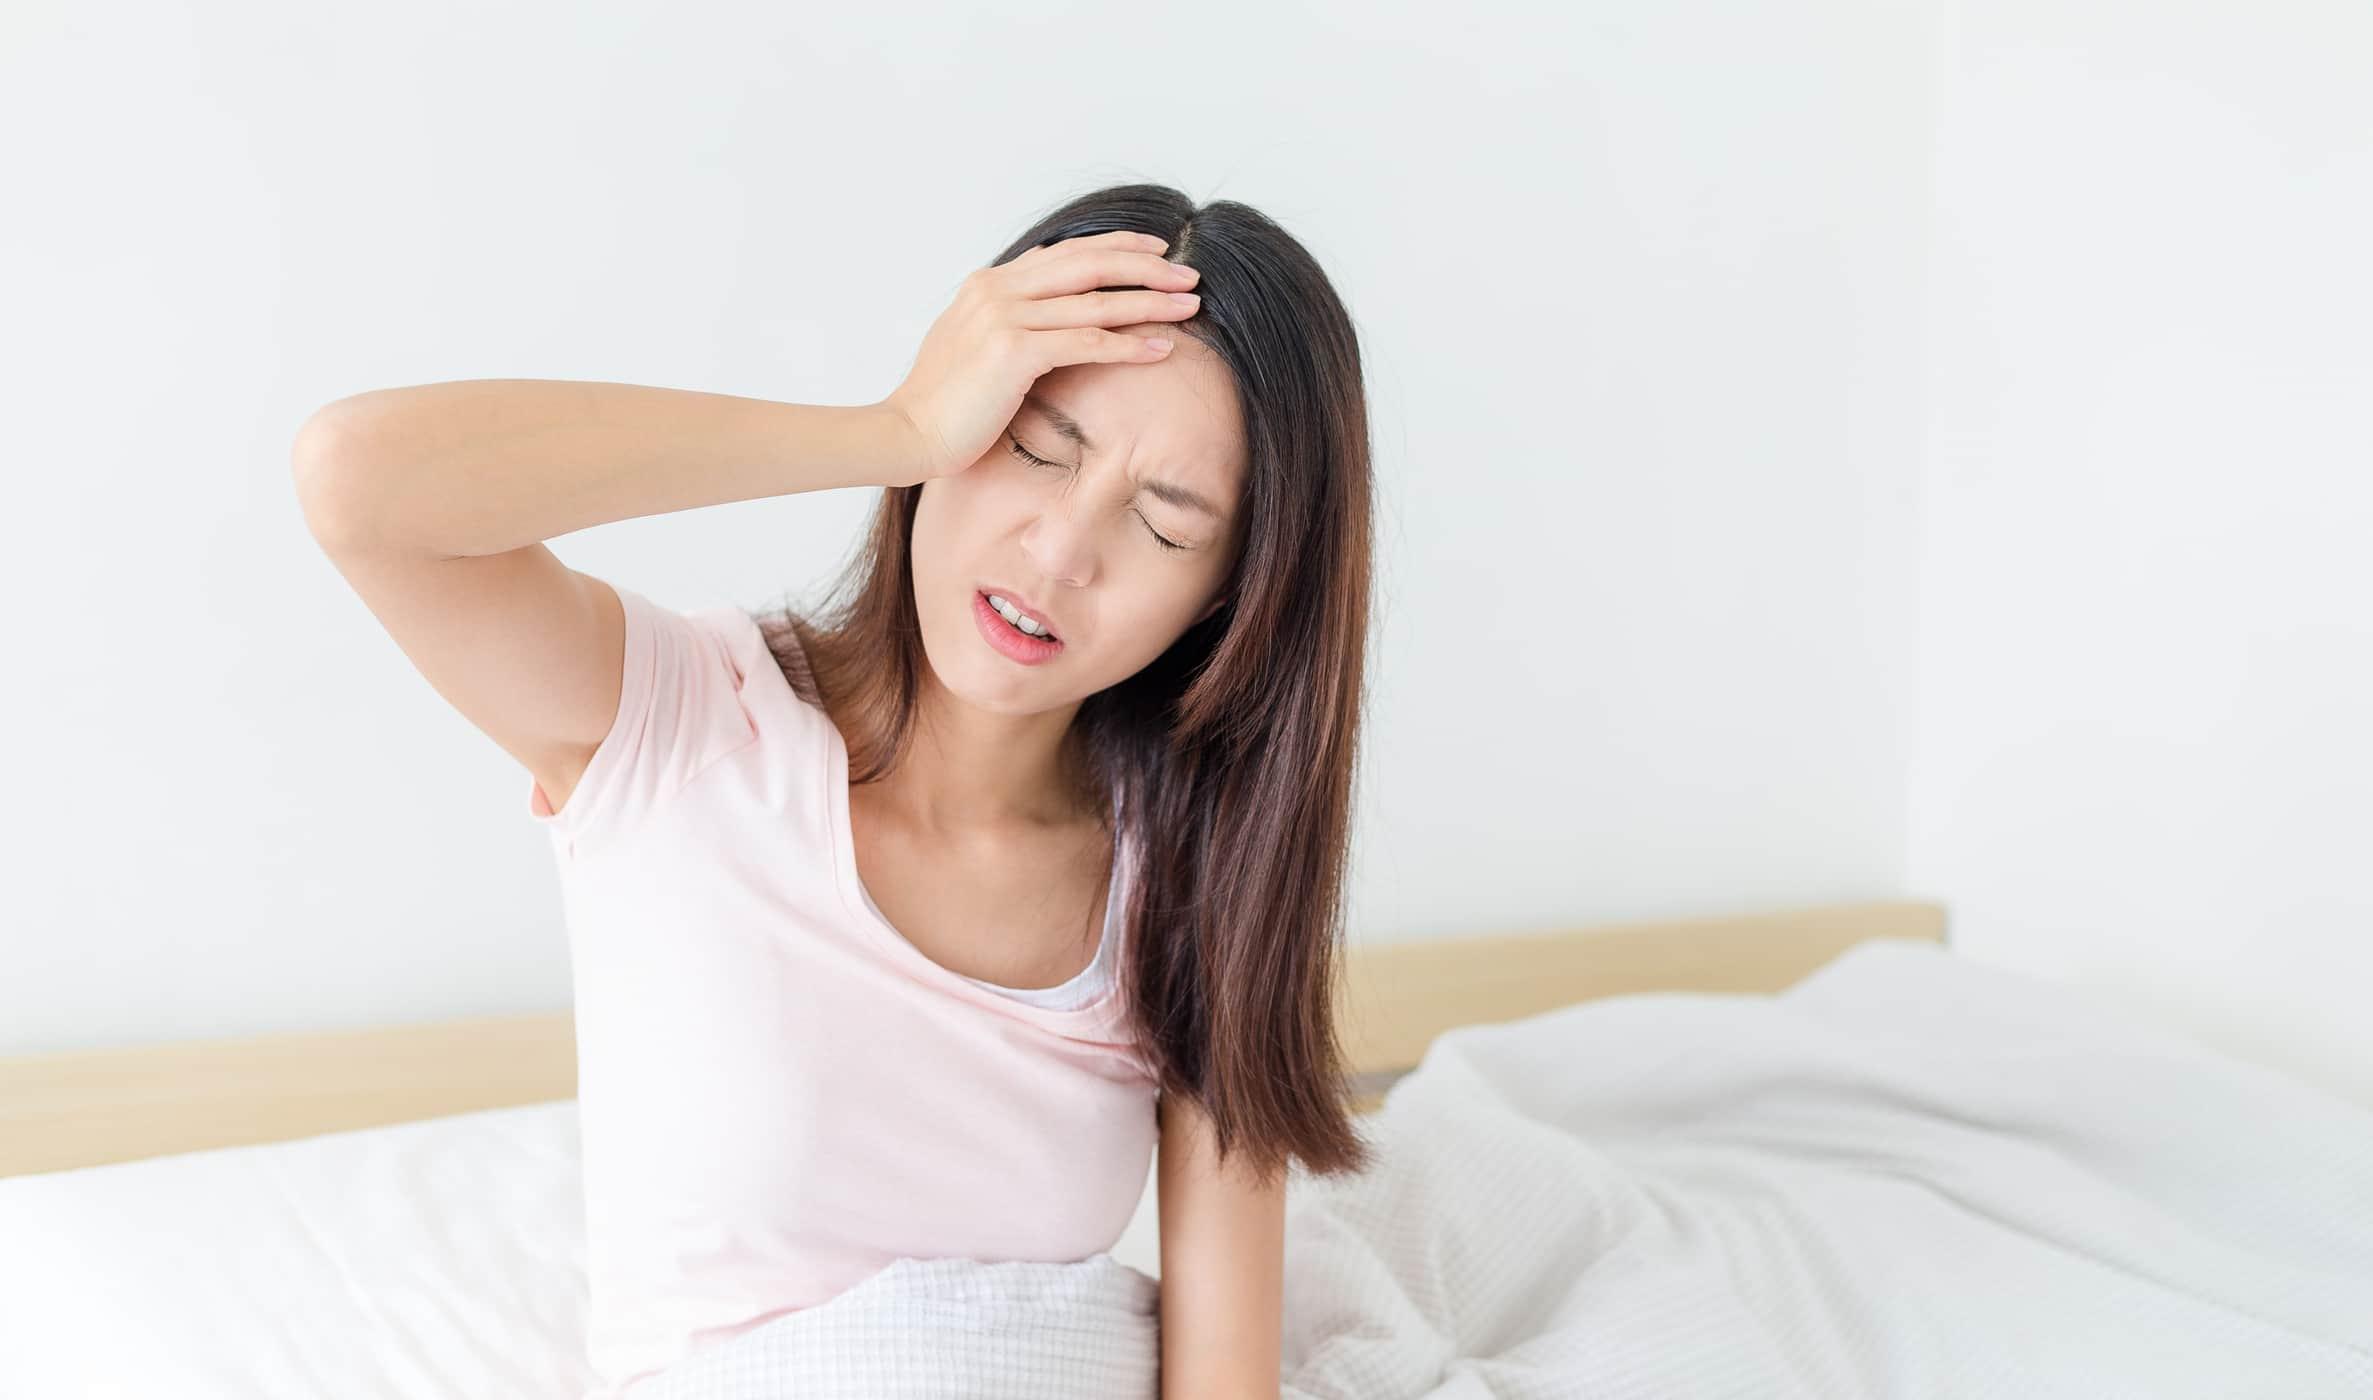 Bị đau trên đầu, lâu lâu bị giật có nguy hiểm không?